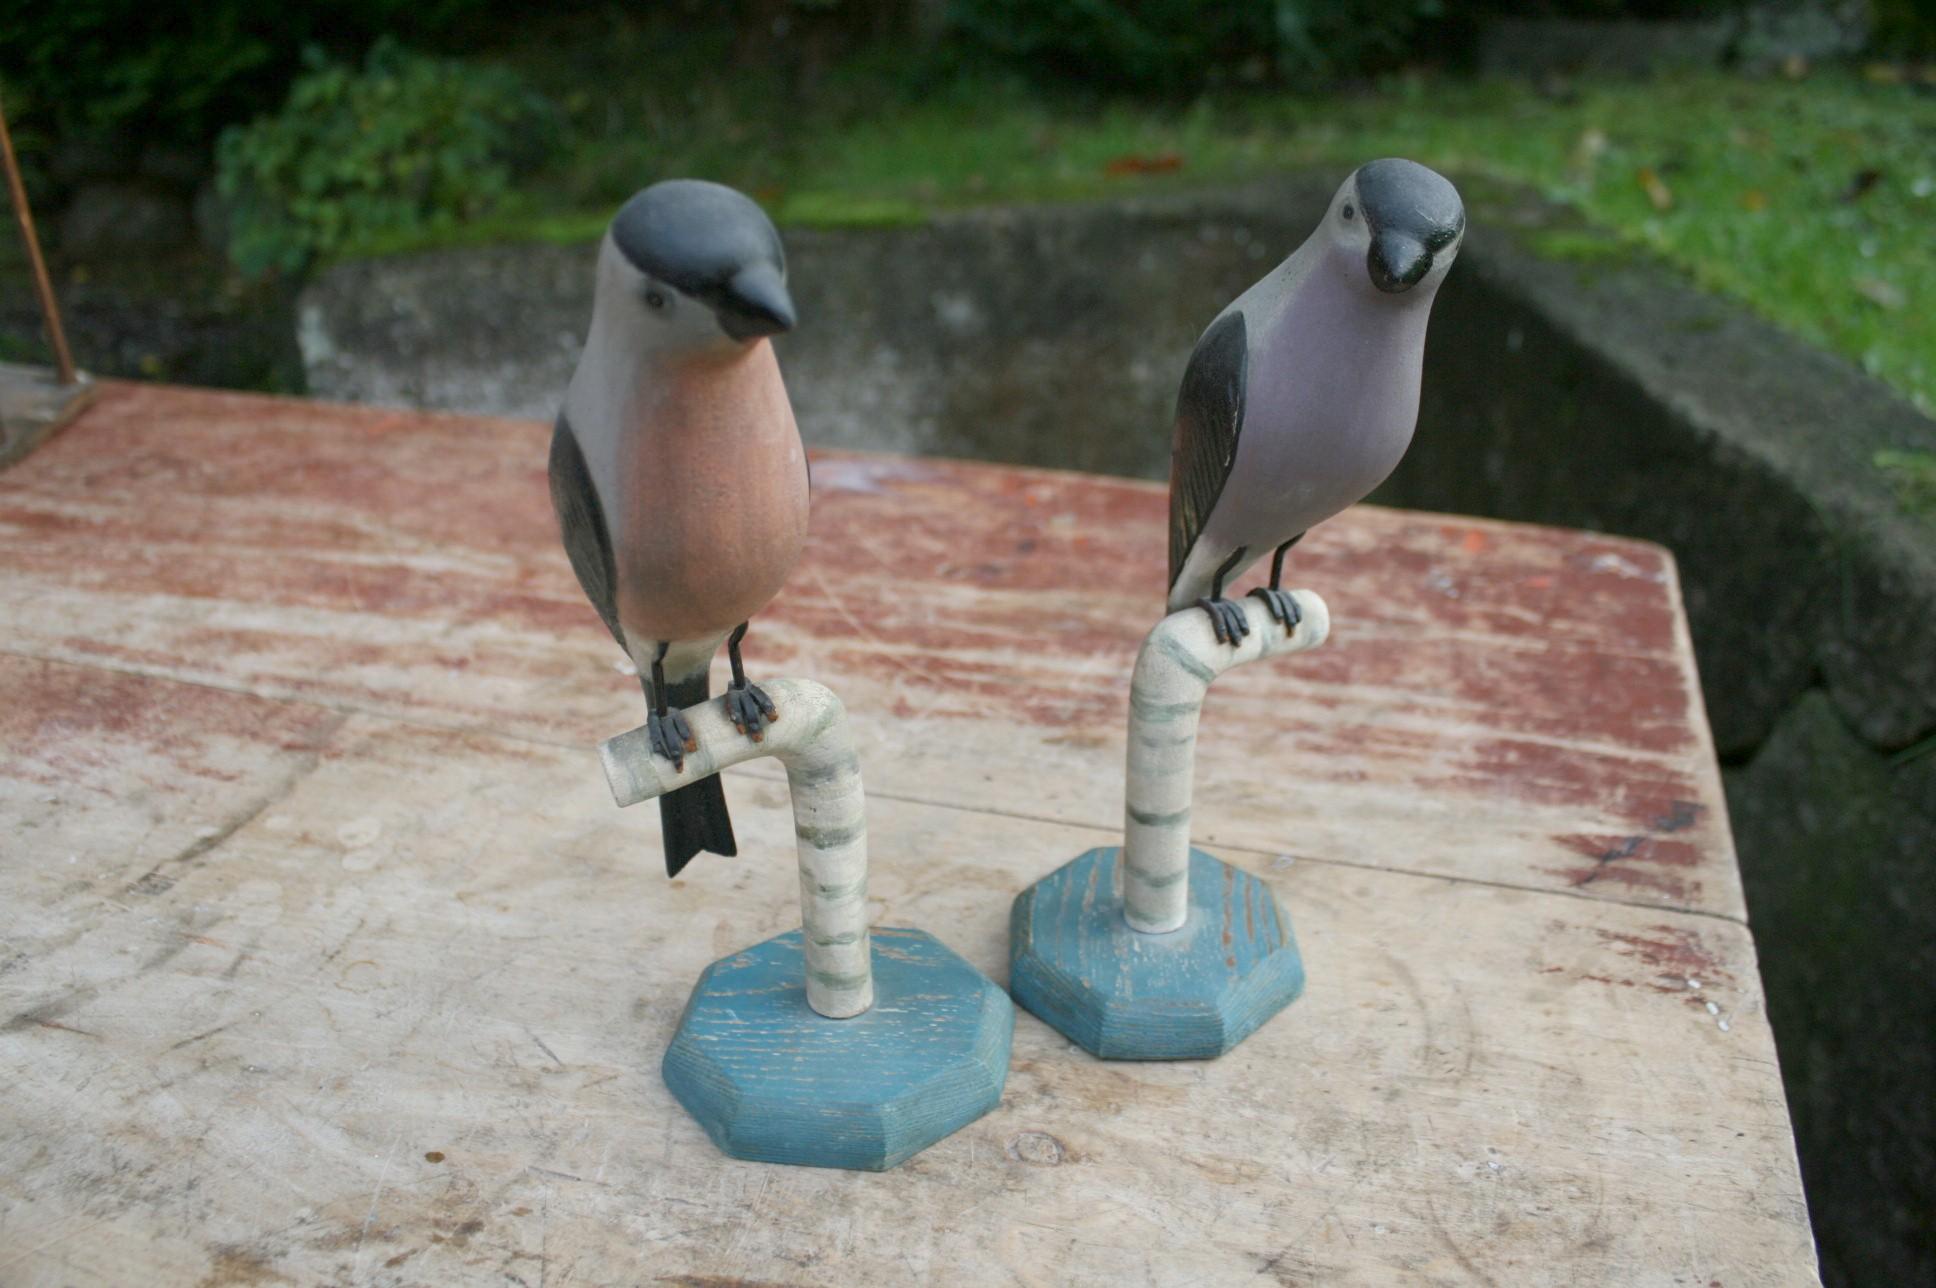 Et par udskåret fugle i bemalet træ lignende domparper.